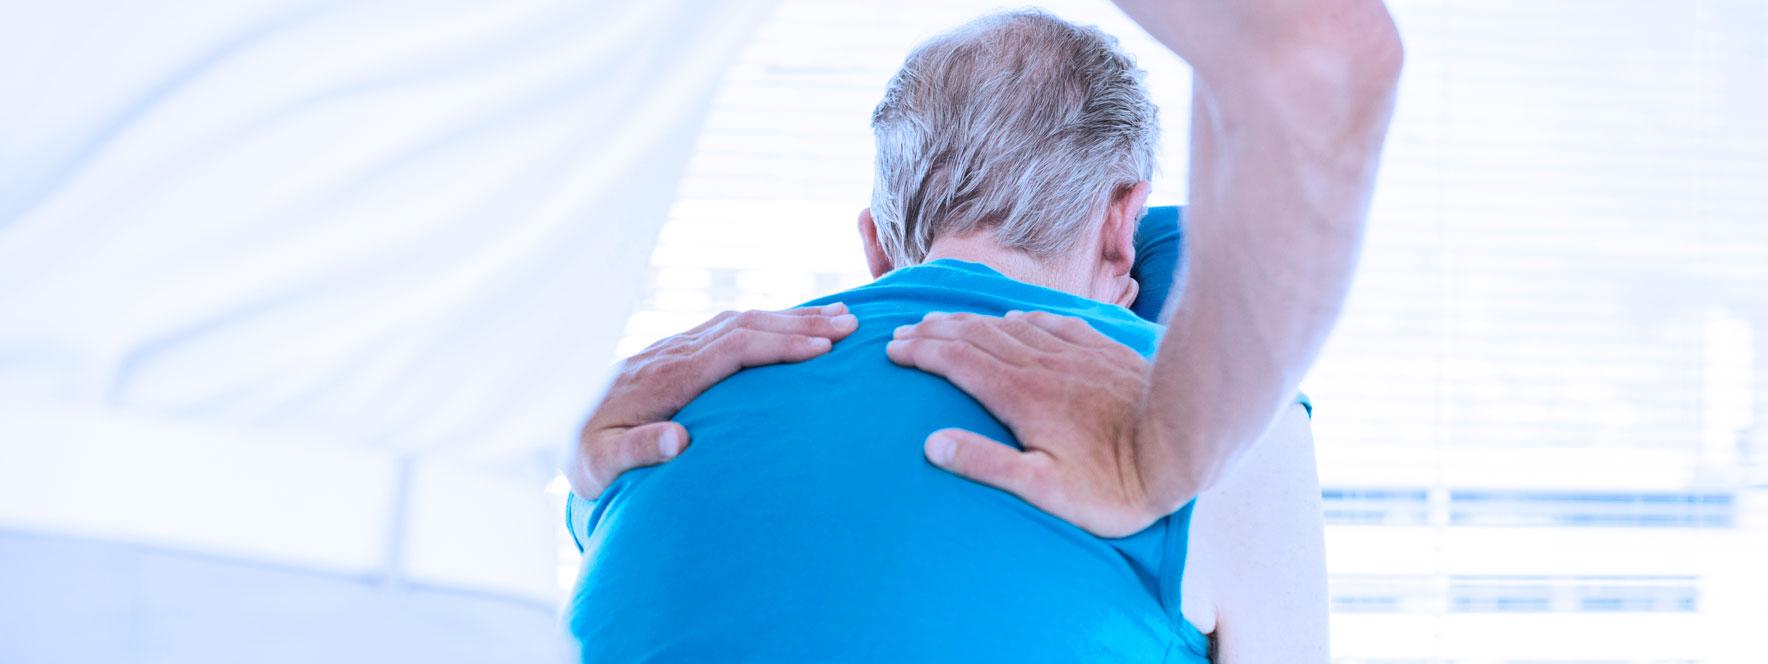 Homme âgé se fait masser le dos, bienfaits de la massothérapie